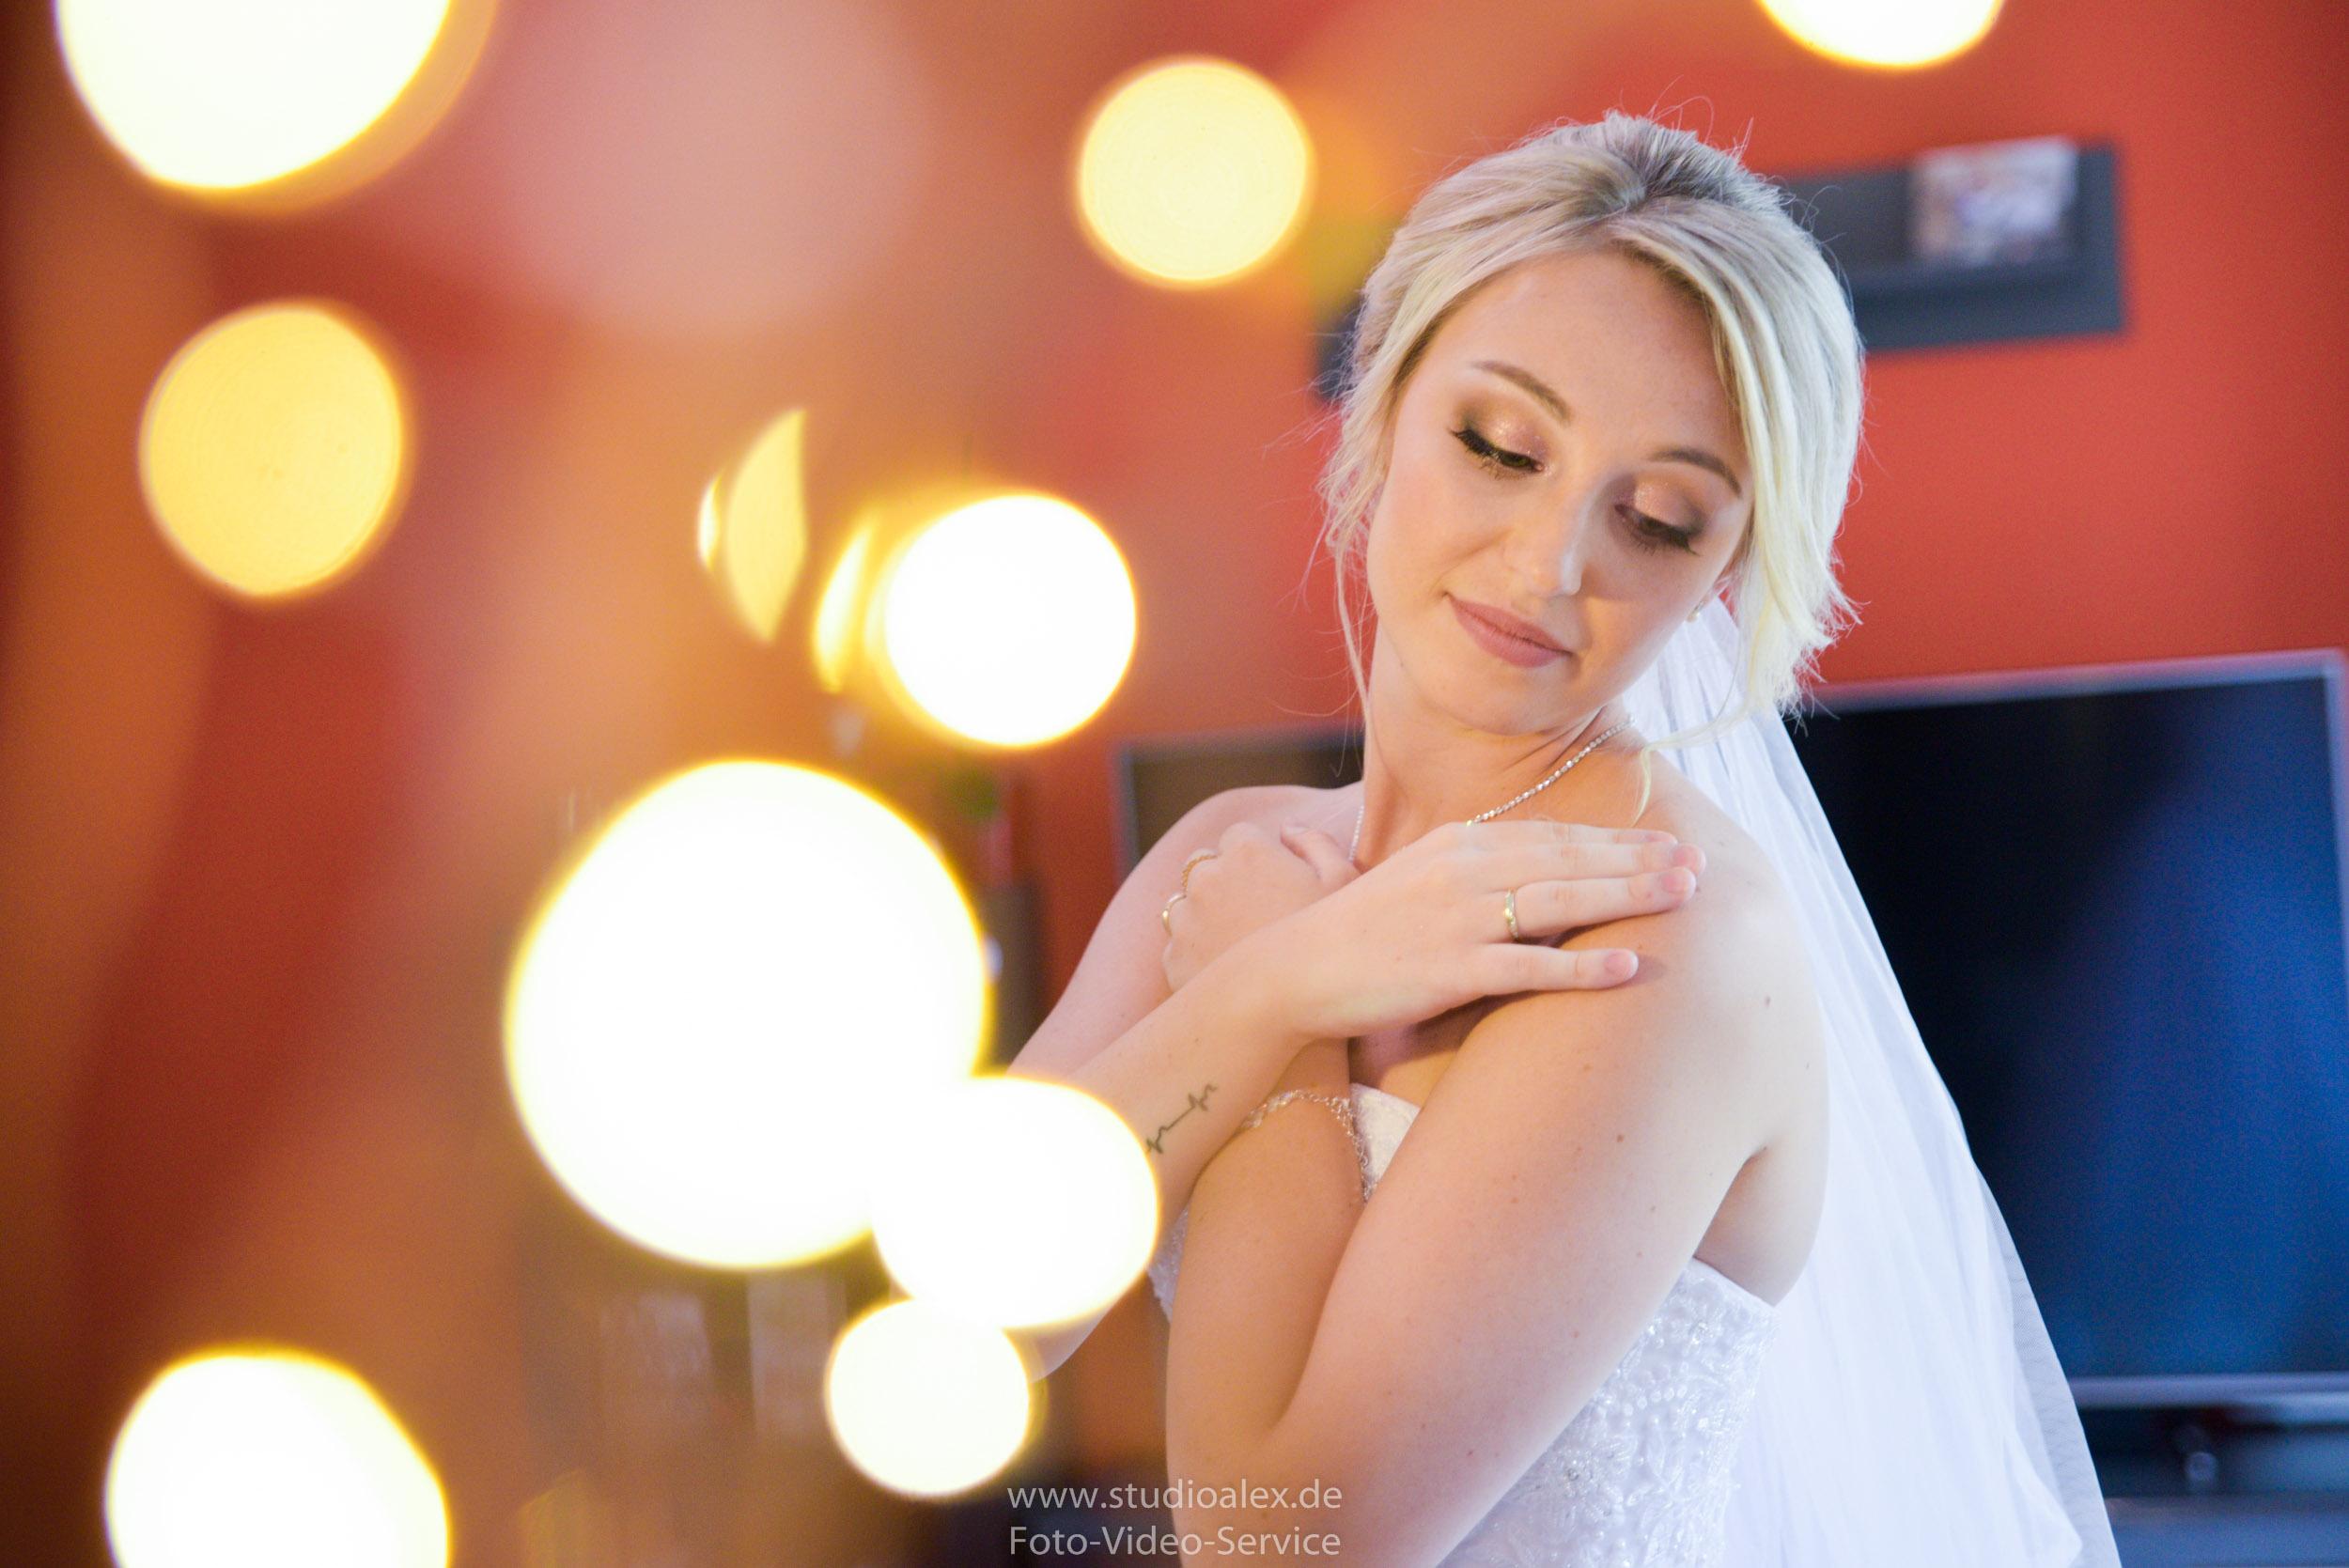 Hochzeitsfotograf-Amberg-Hochzeitsfotografie-Amberg-Hochzeit-Amberg-ACC-Fotograf-Amberg-7927.jpg